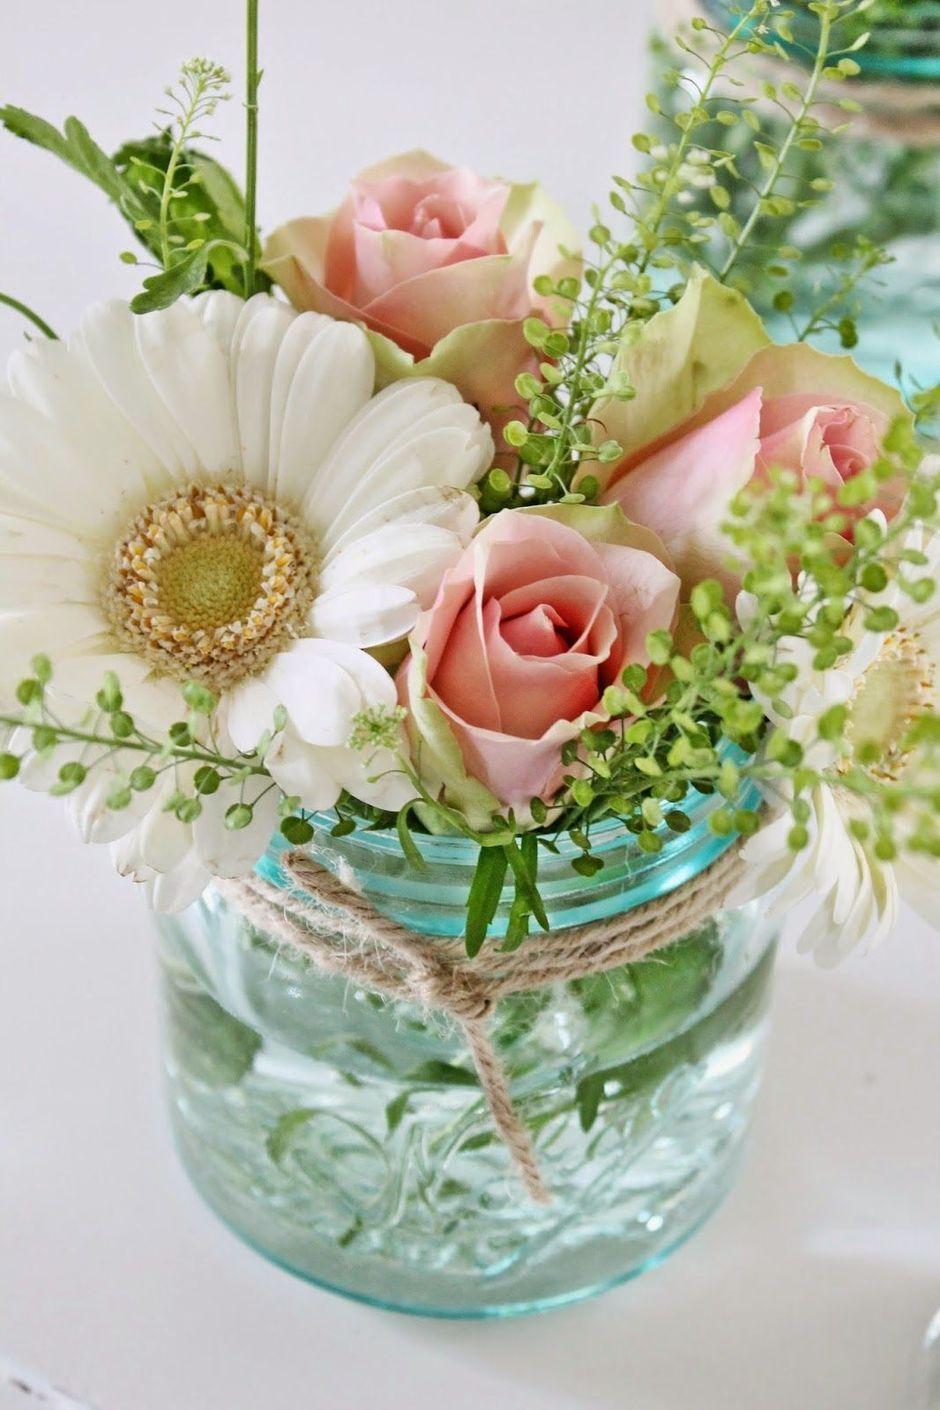 100 Beauty Spring Flowers Centerpieces Arrangements Ideas